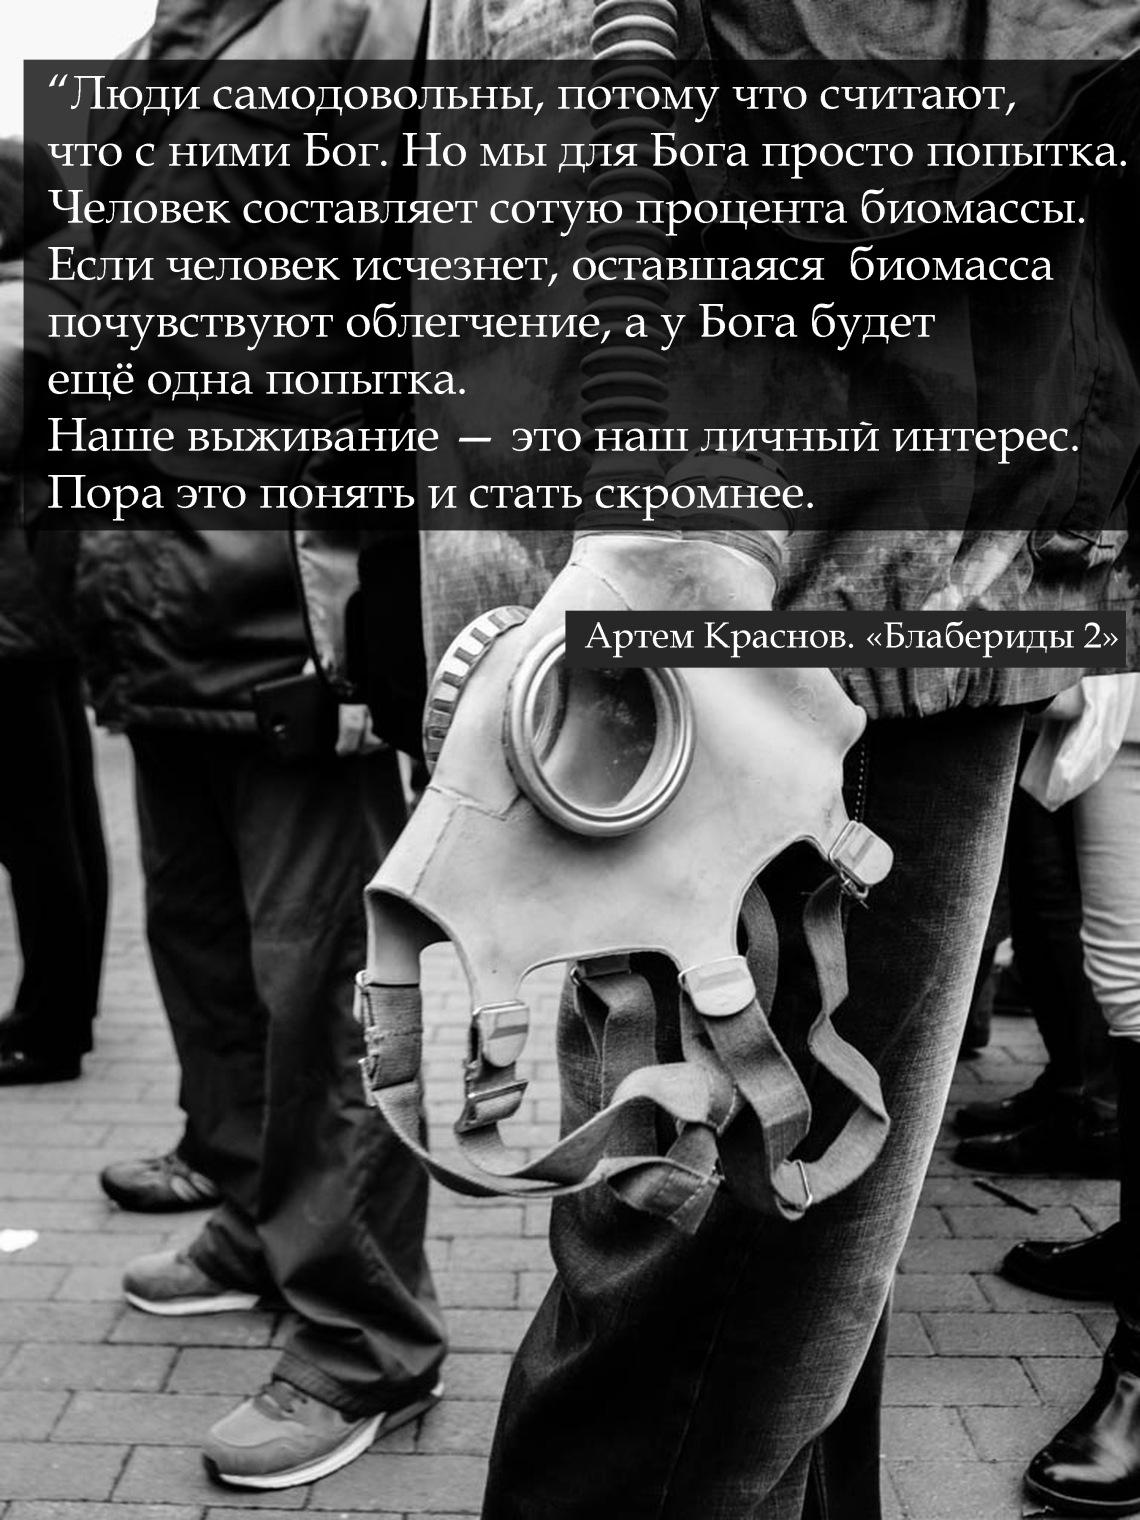 quote-5